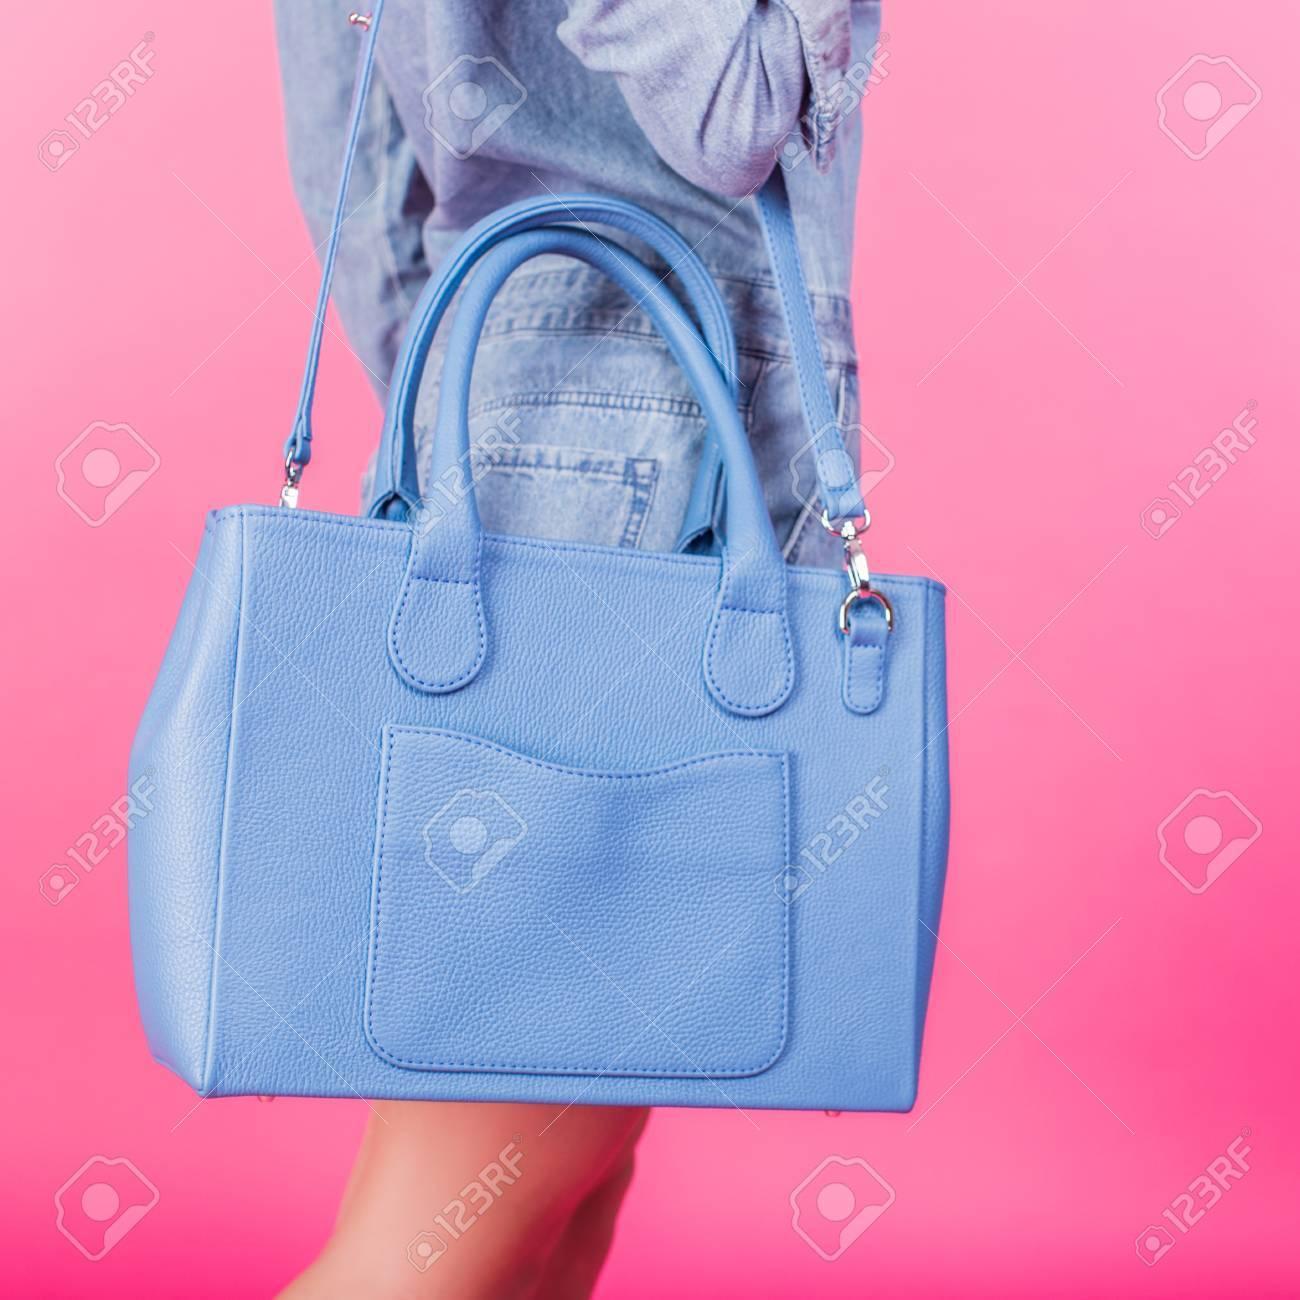 Fond En Devant Adolescent Bleu Un Main Rose De Sangle Jeans À Jeune Sur Tenant Costume Sac Une Cuir b7yf6vYg